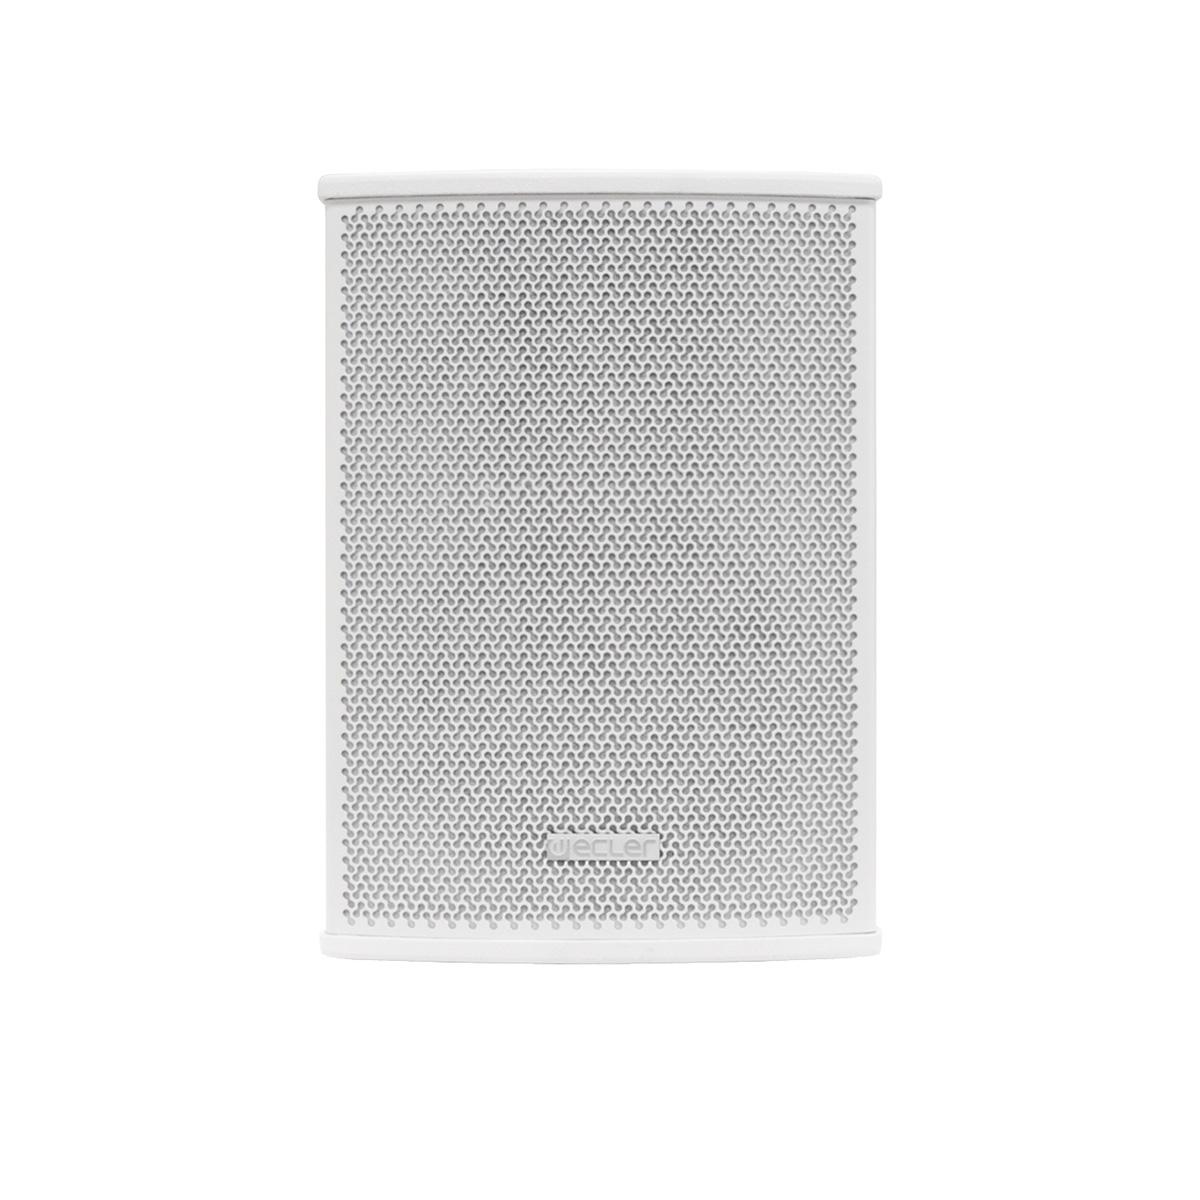 Ecler ARQIS 110WH - Двухполосная настенная акустическая система 10'', 220–440 Вт/8 Ом